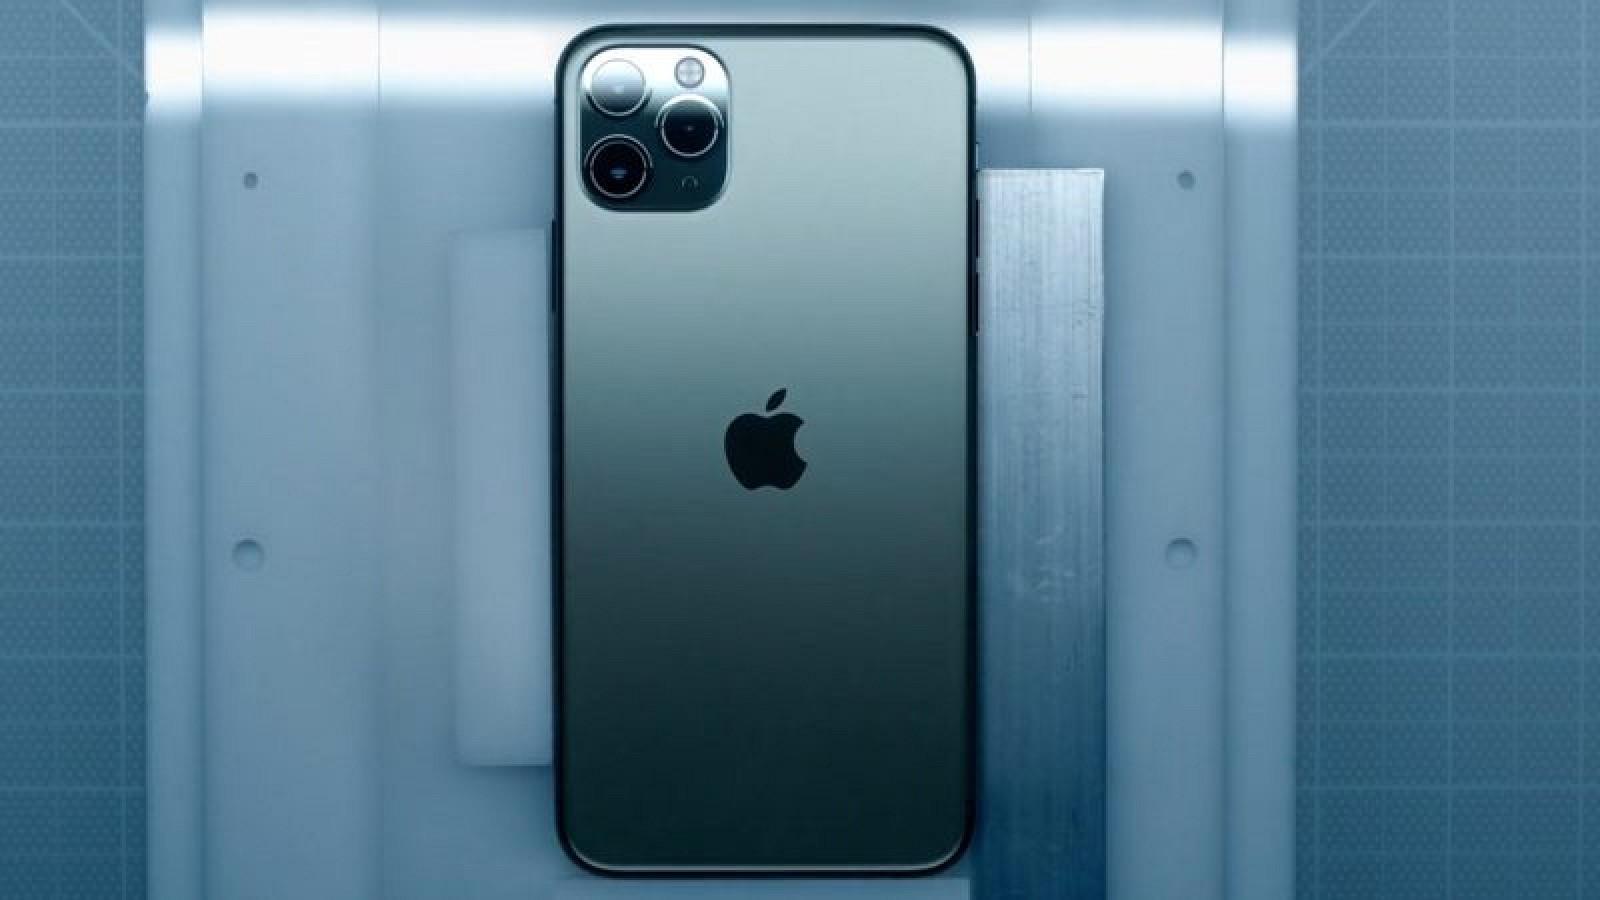 appleiphone11pro 800x450 1 - iPhone 12 Pro и Pro Max, скорее всего, будут иметь 6 ГБ оперативной памяти, а выпуск iPhone SE 2 начнется в феврале